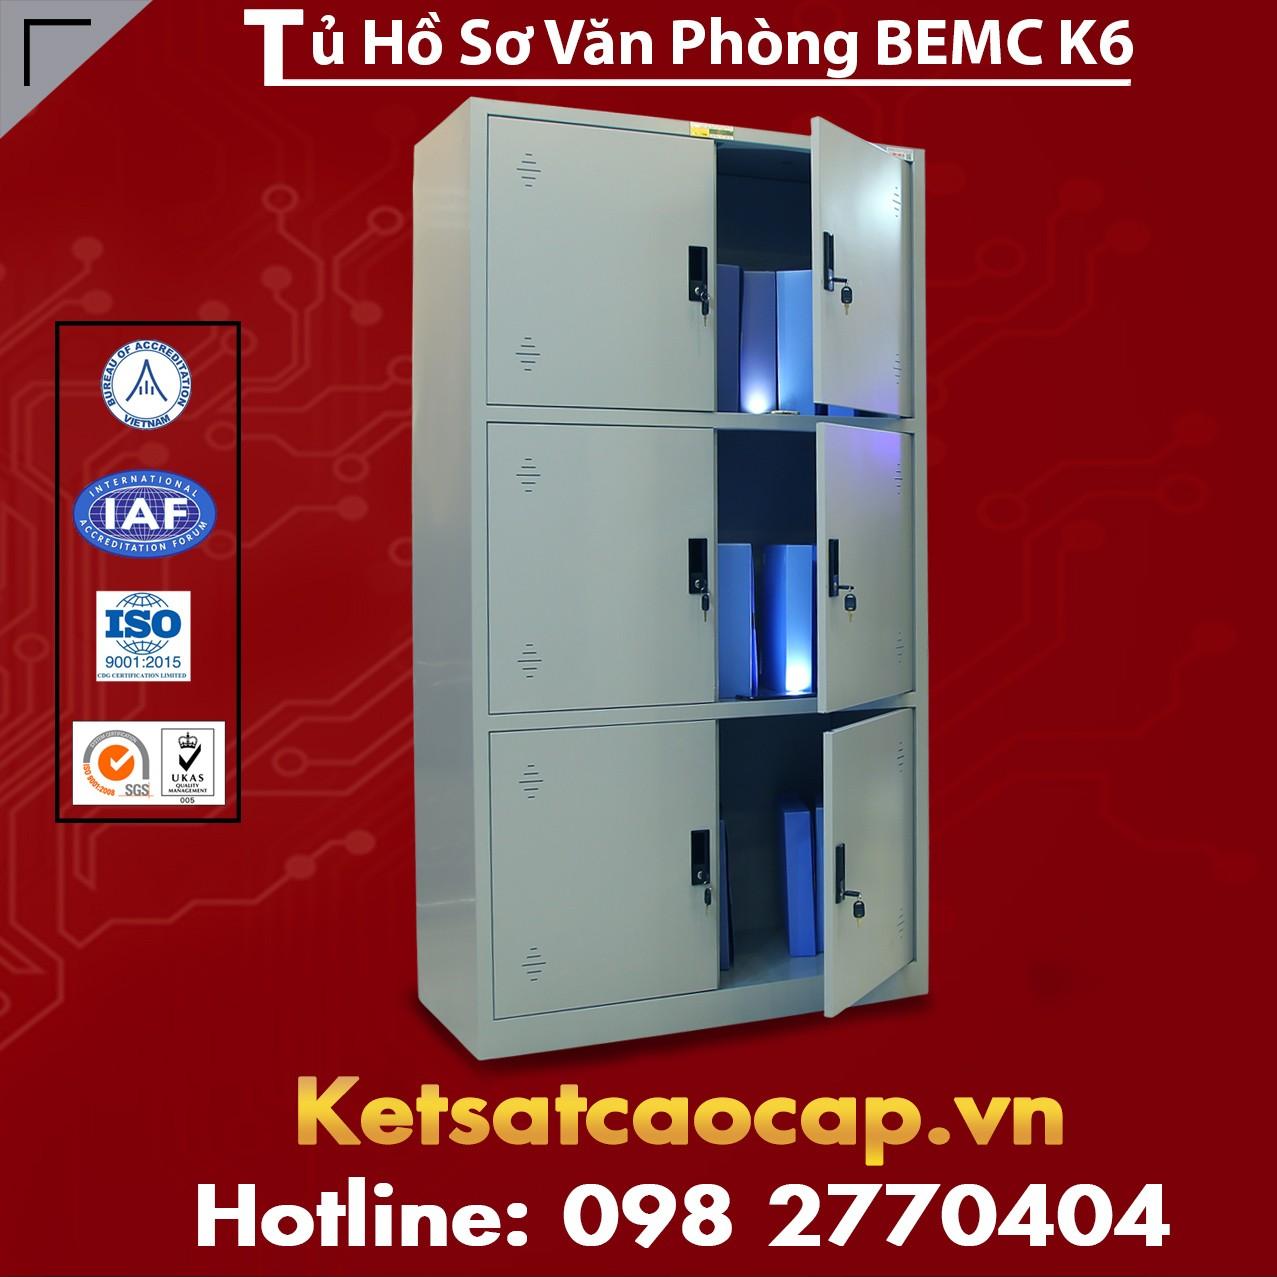 Tủ Hồ Sơ Văn Phòng BEMC K6